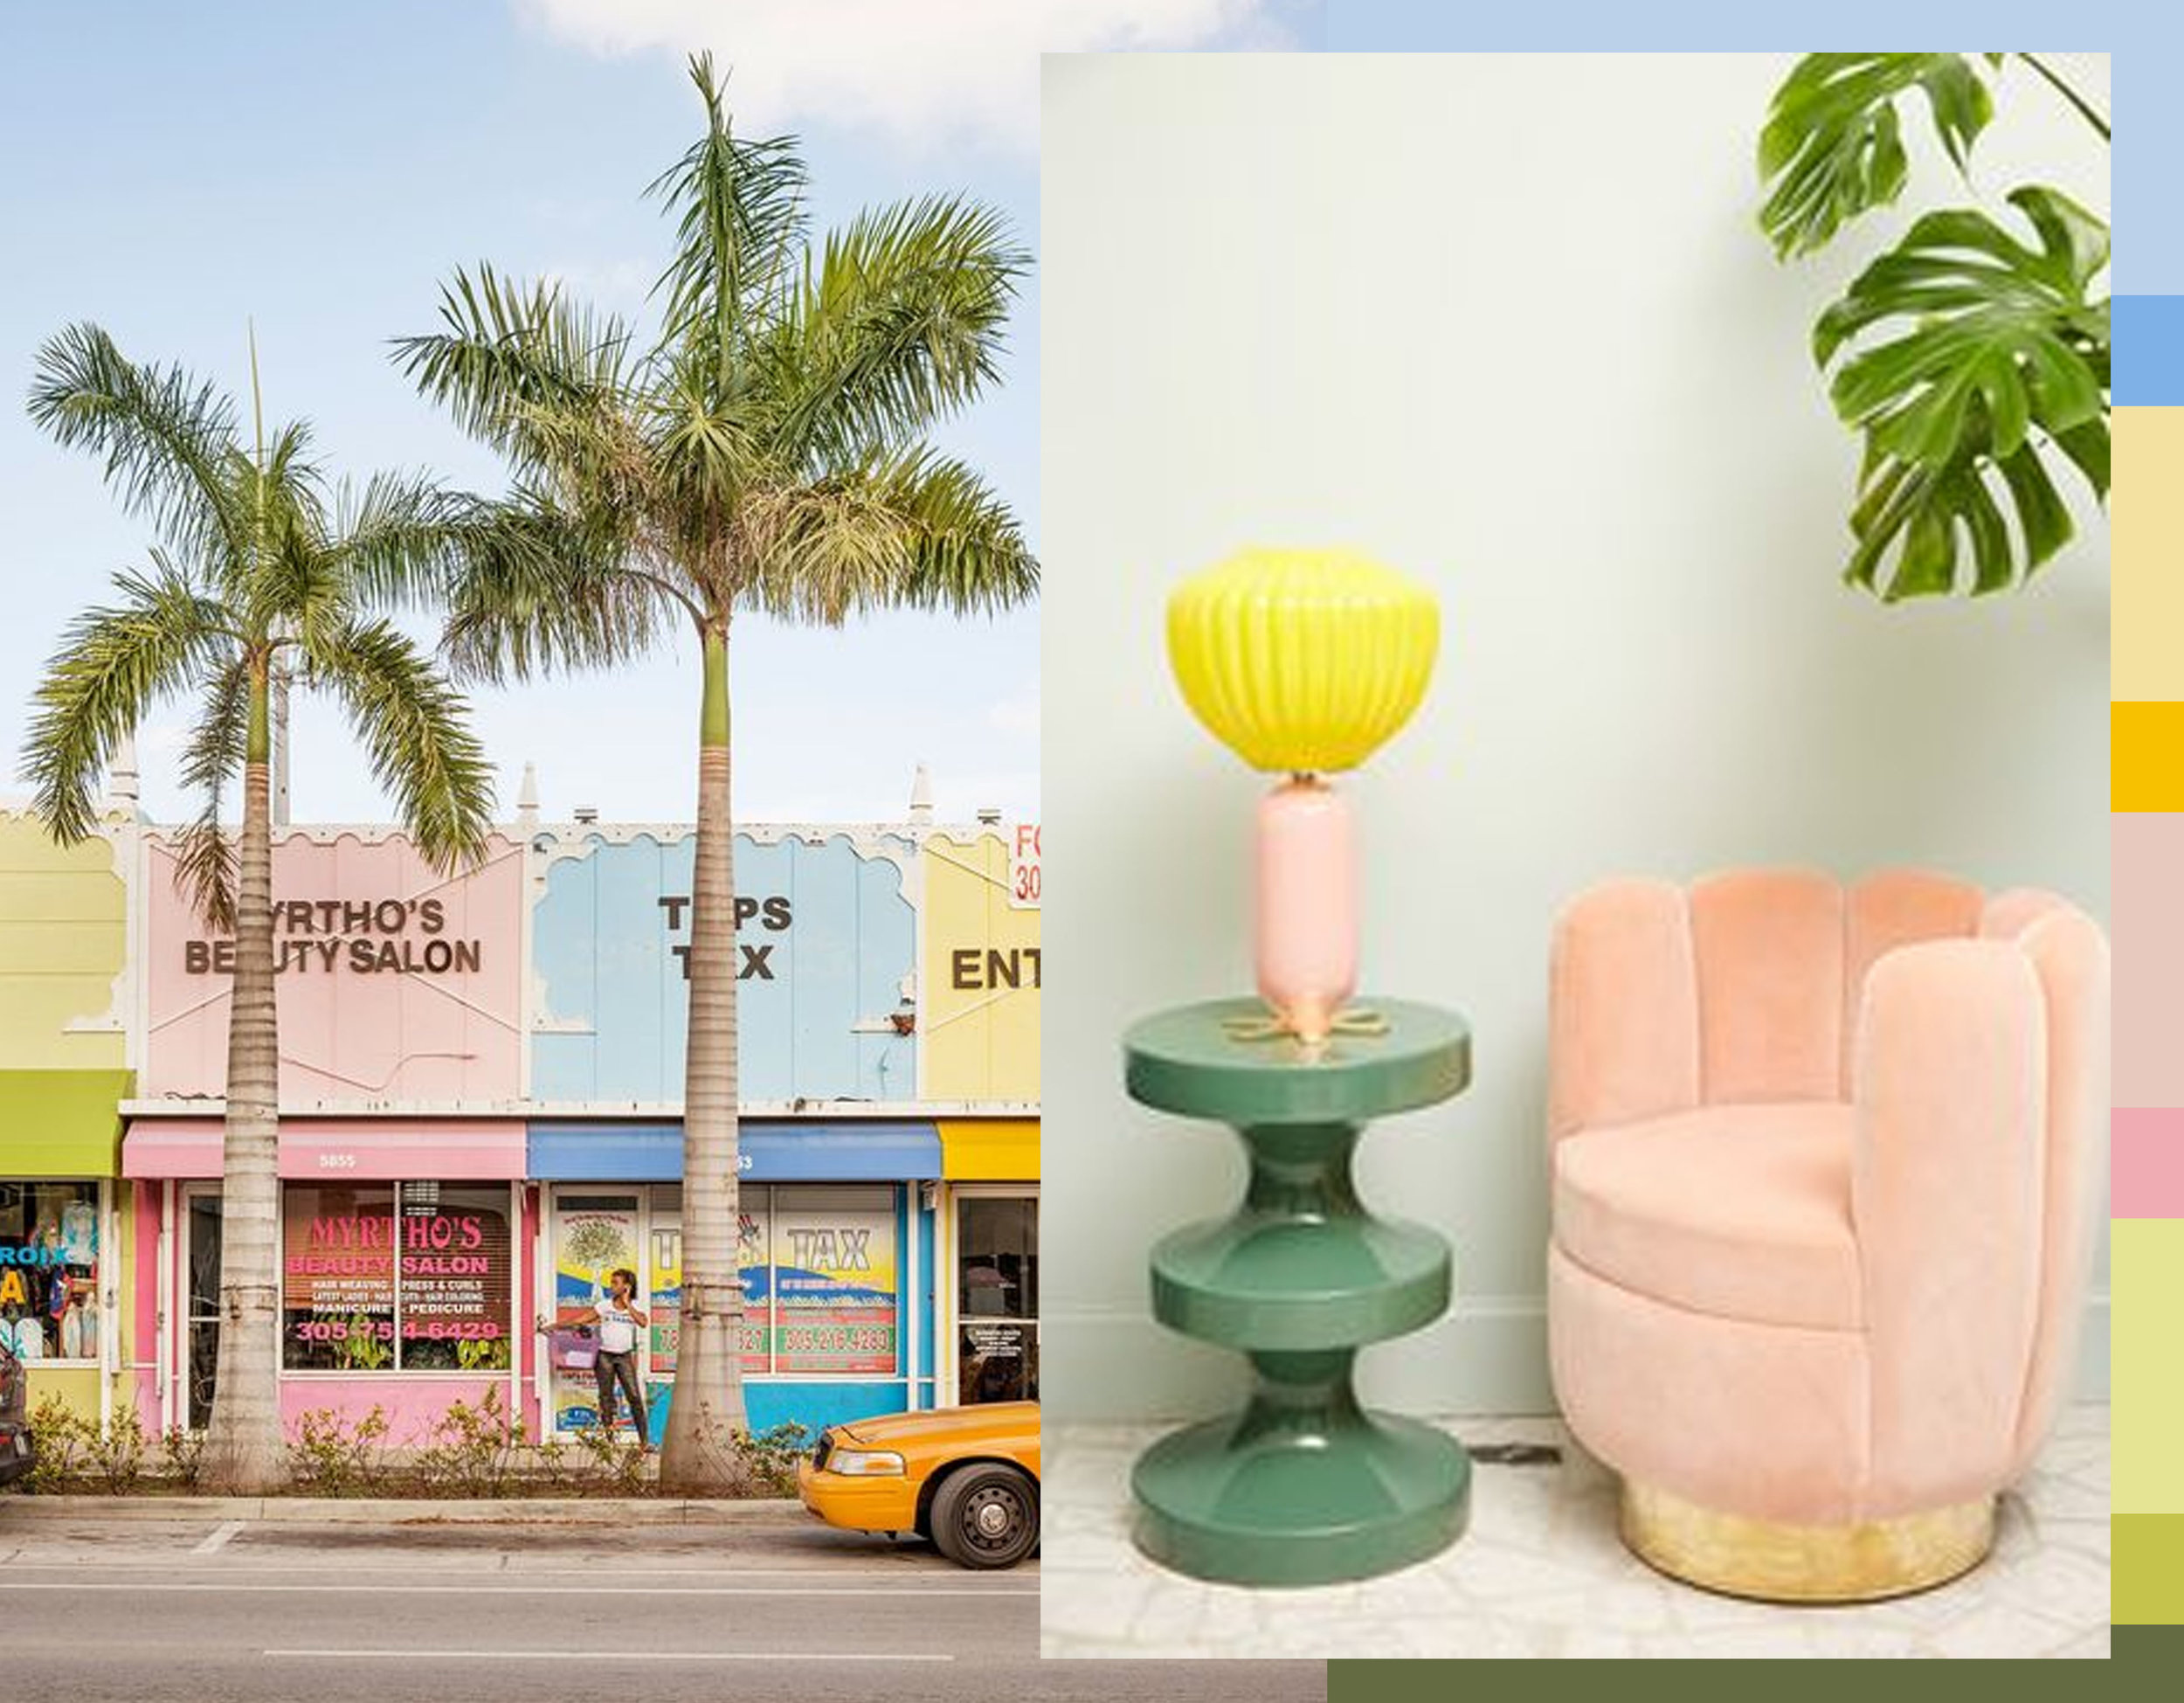 image Miami via  Vogue  - interior desgin image via  Corriere della sera